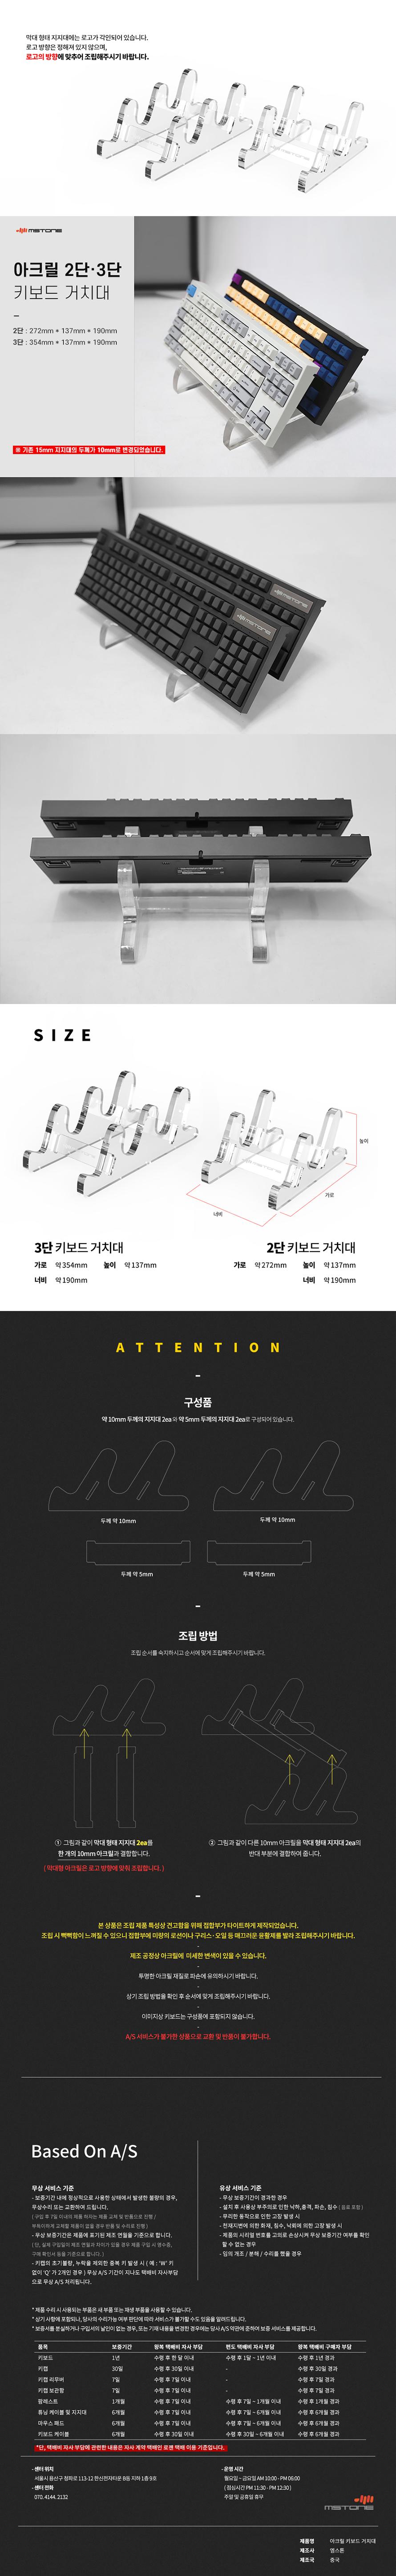 엠스톤글로벌 mStone 아크릴 키보드 거치대 (3단)